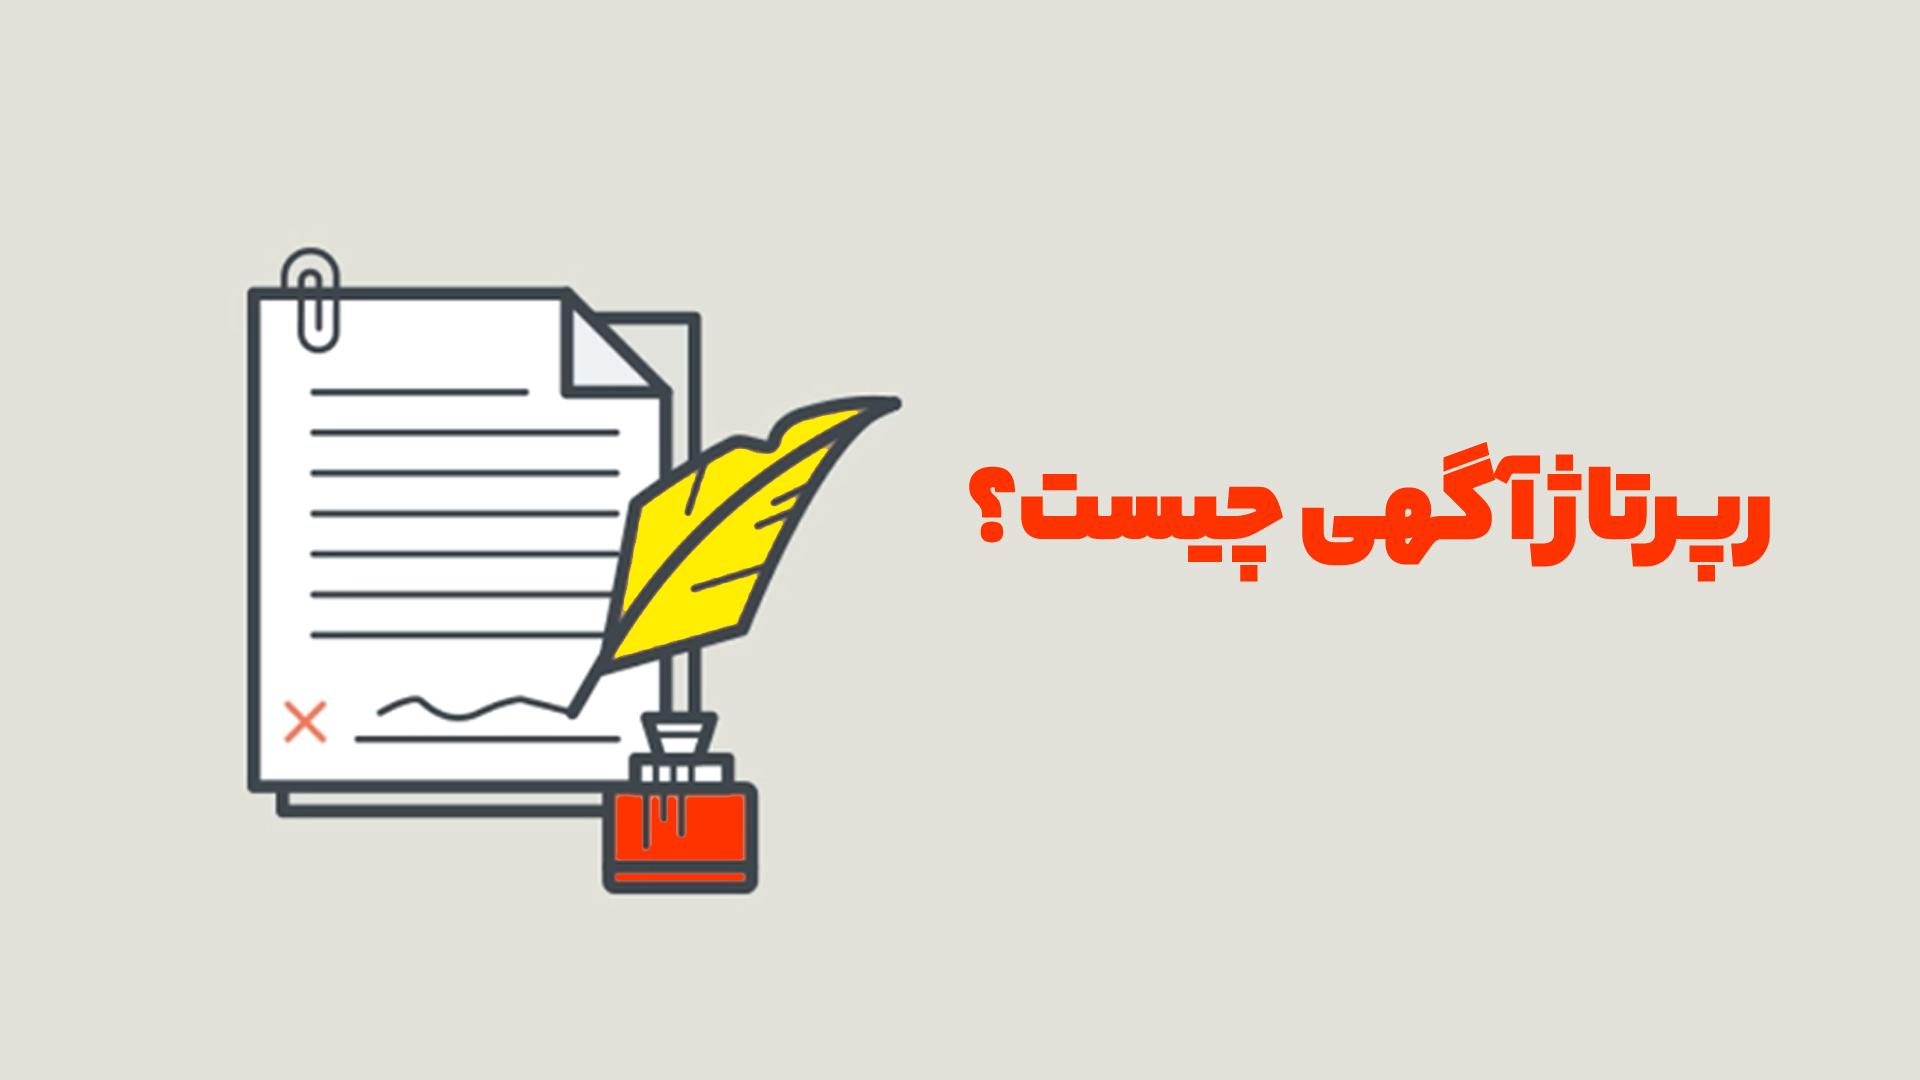 رپورتاژ نویسی یا آگهی نویسی چیست